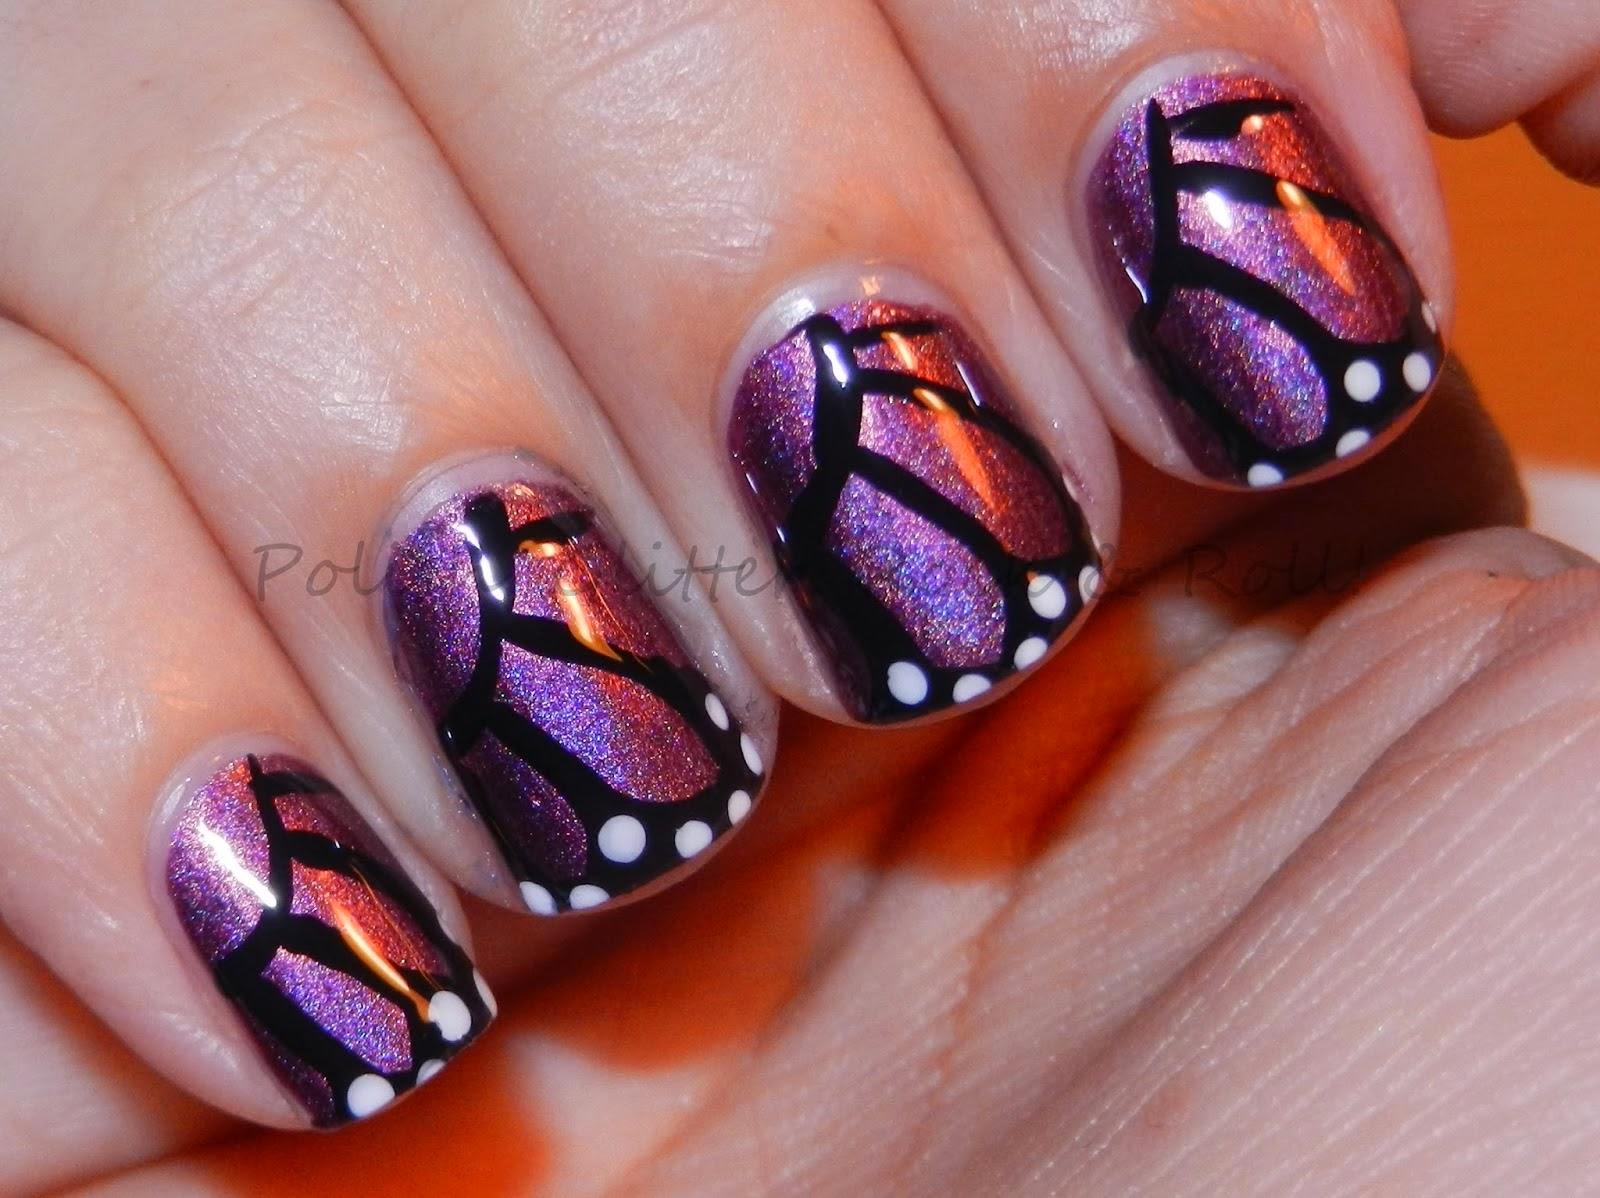 Nail art albany choice image nail art and nail design ideas nail art wolf road images nail art and nail design ideas nail art albany gallery nail prinsesfo Images